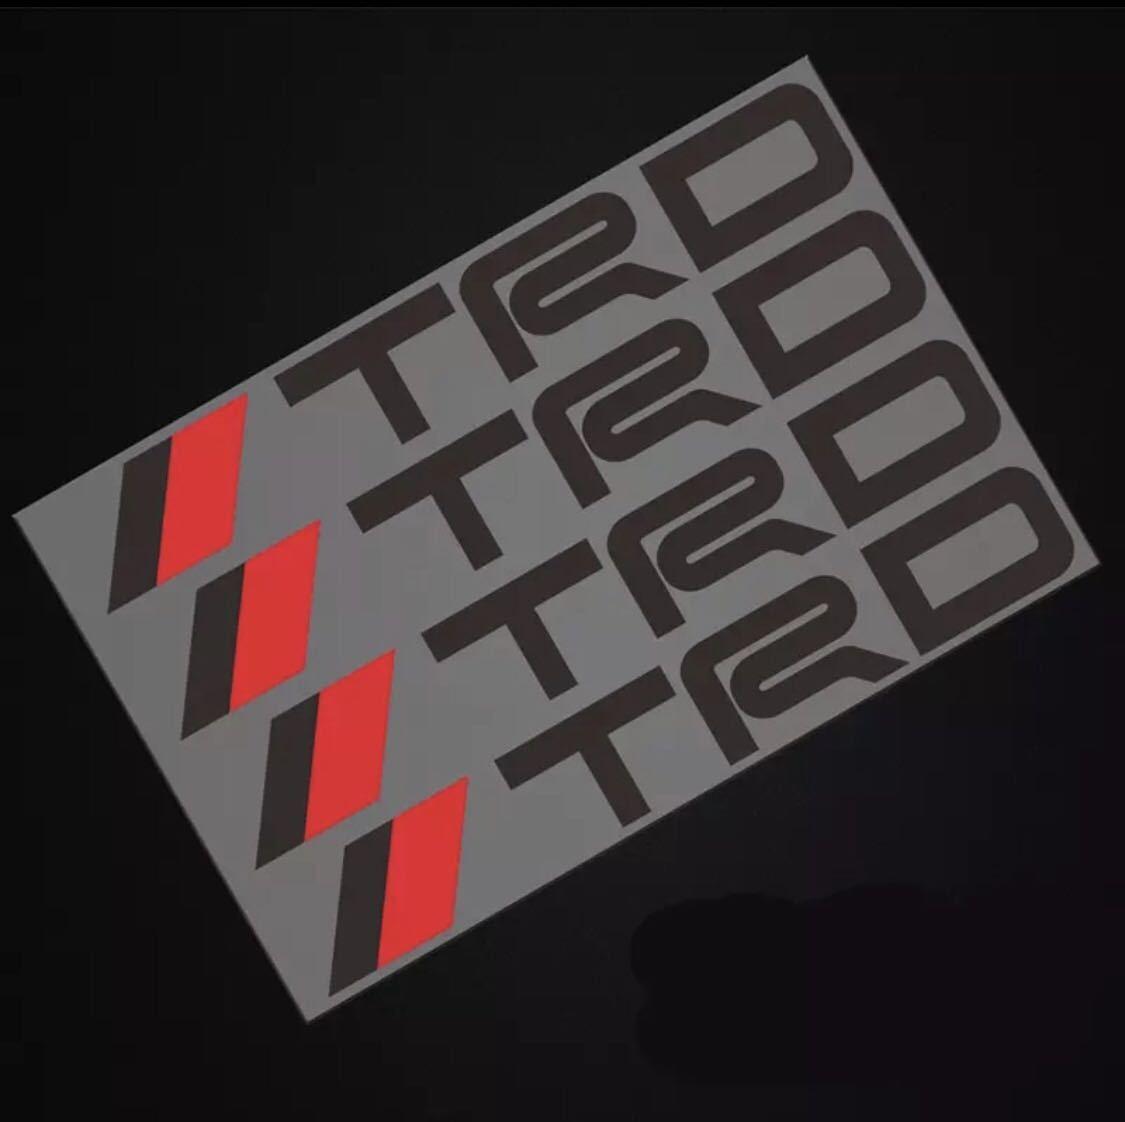 トヨタ TRD エンブレム ステッカー 黒文字 1シート4枚セット ドアノブ ドアハンドル 11㎝×1.8㎝_画像1